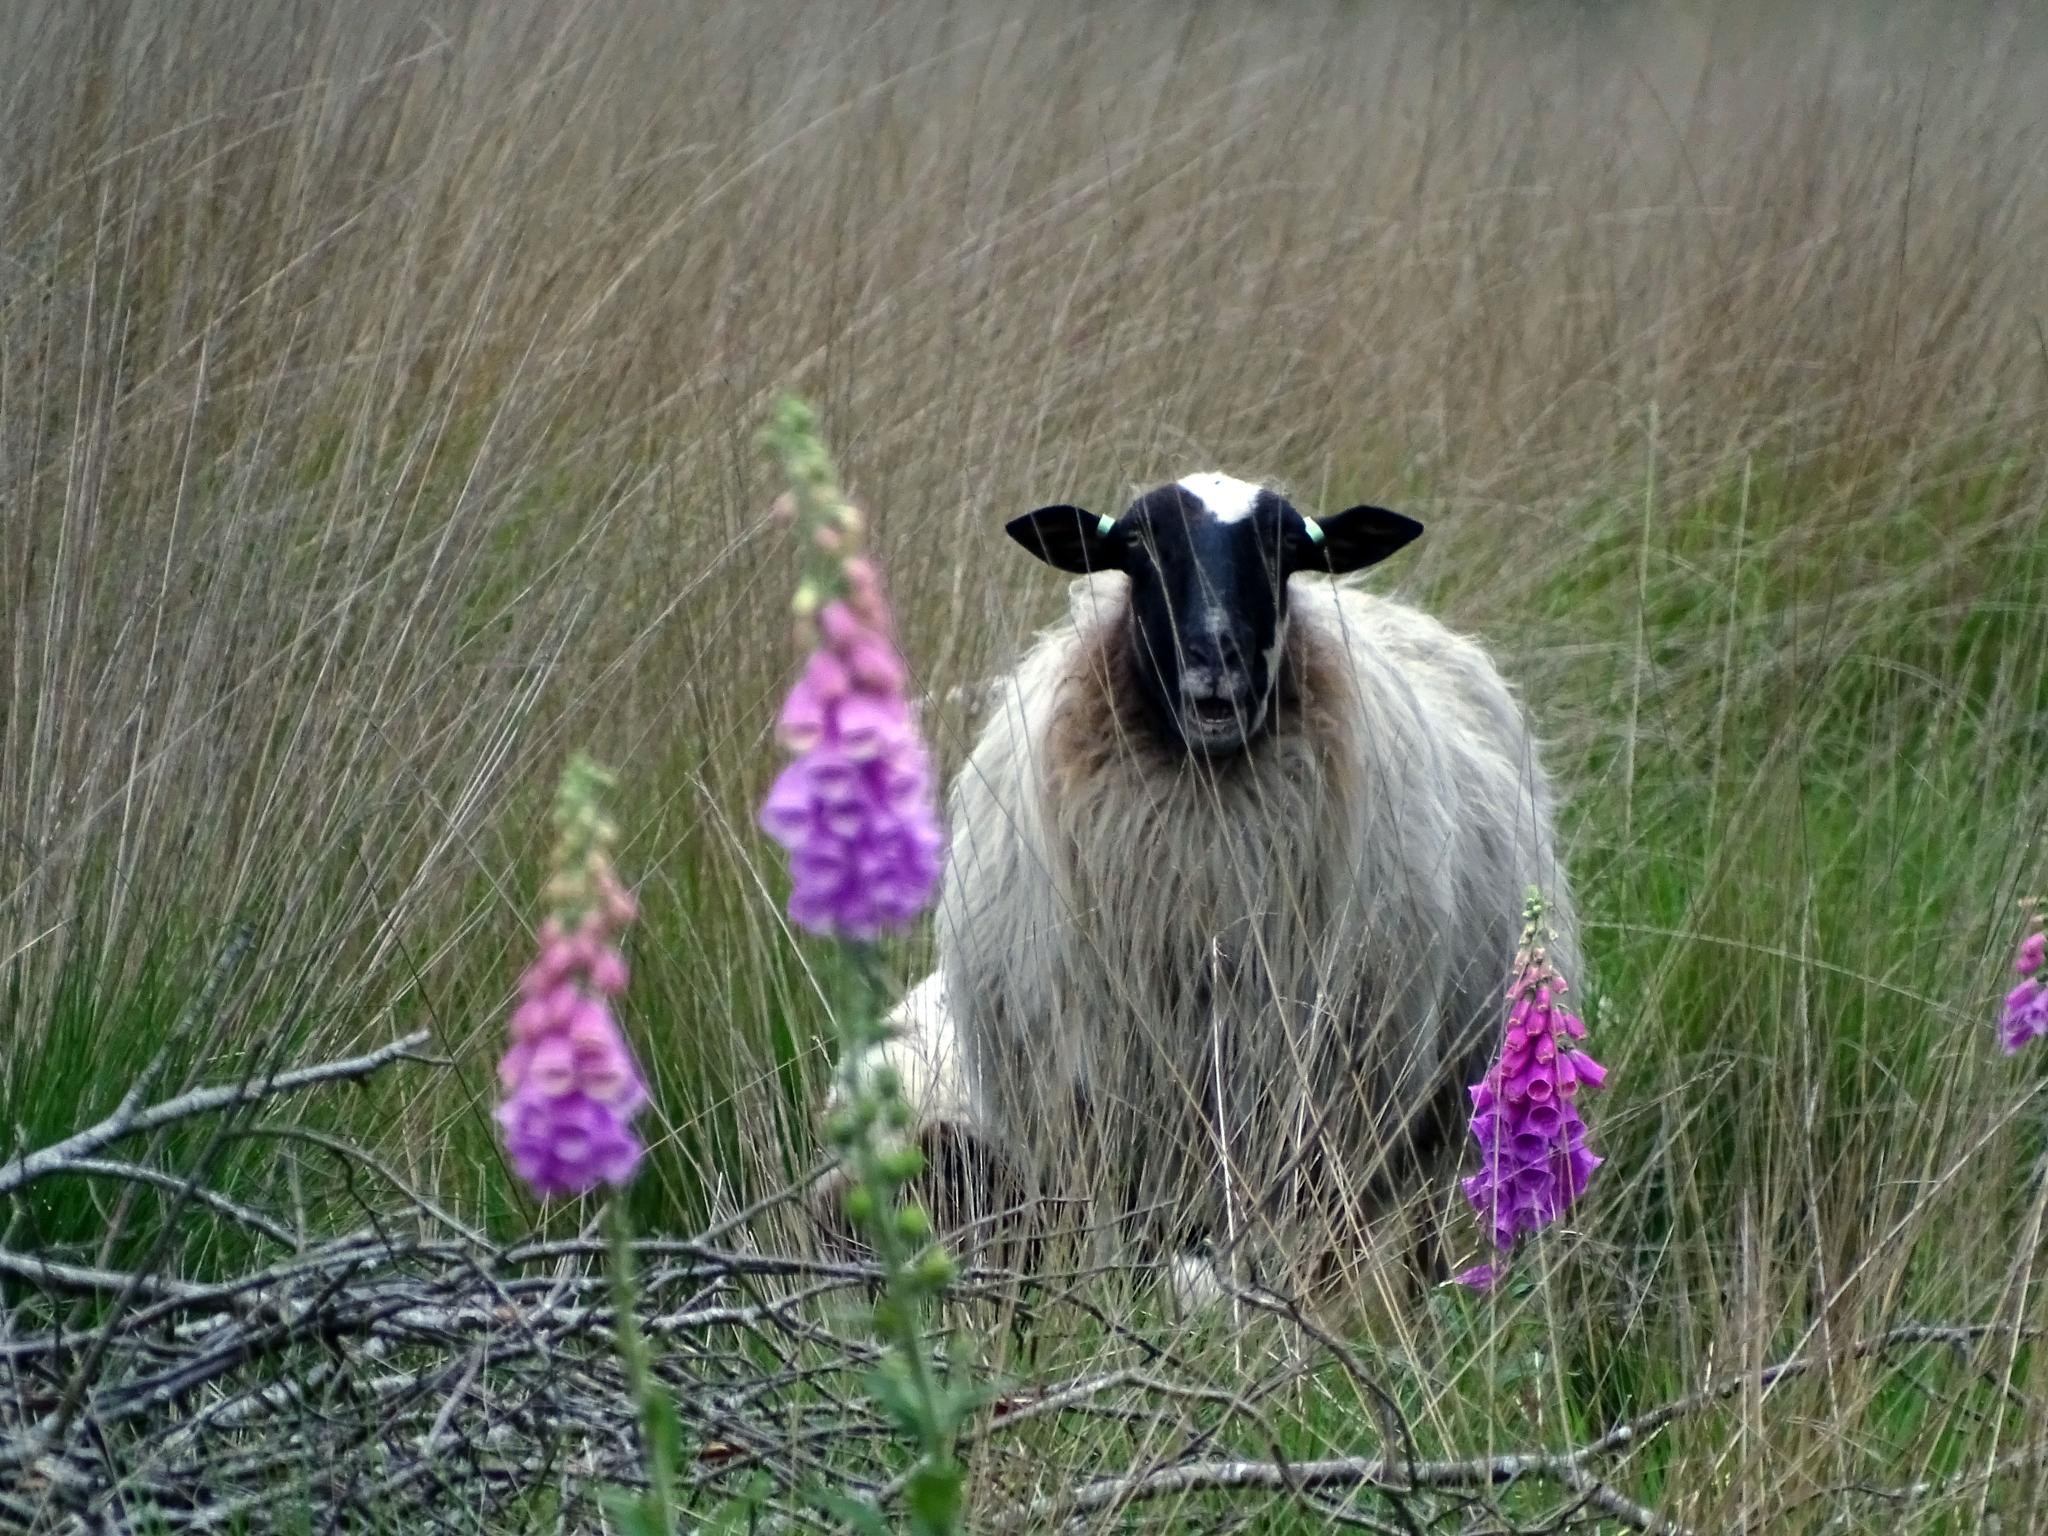 Sheep between the flowers by missjoy86